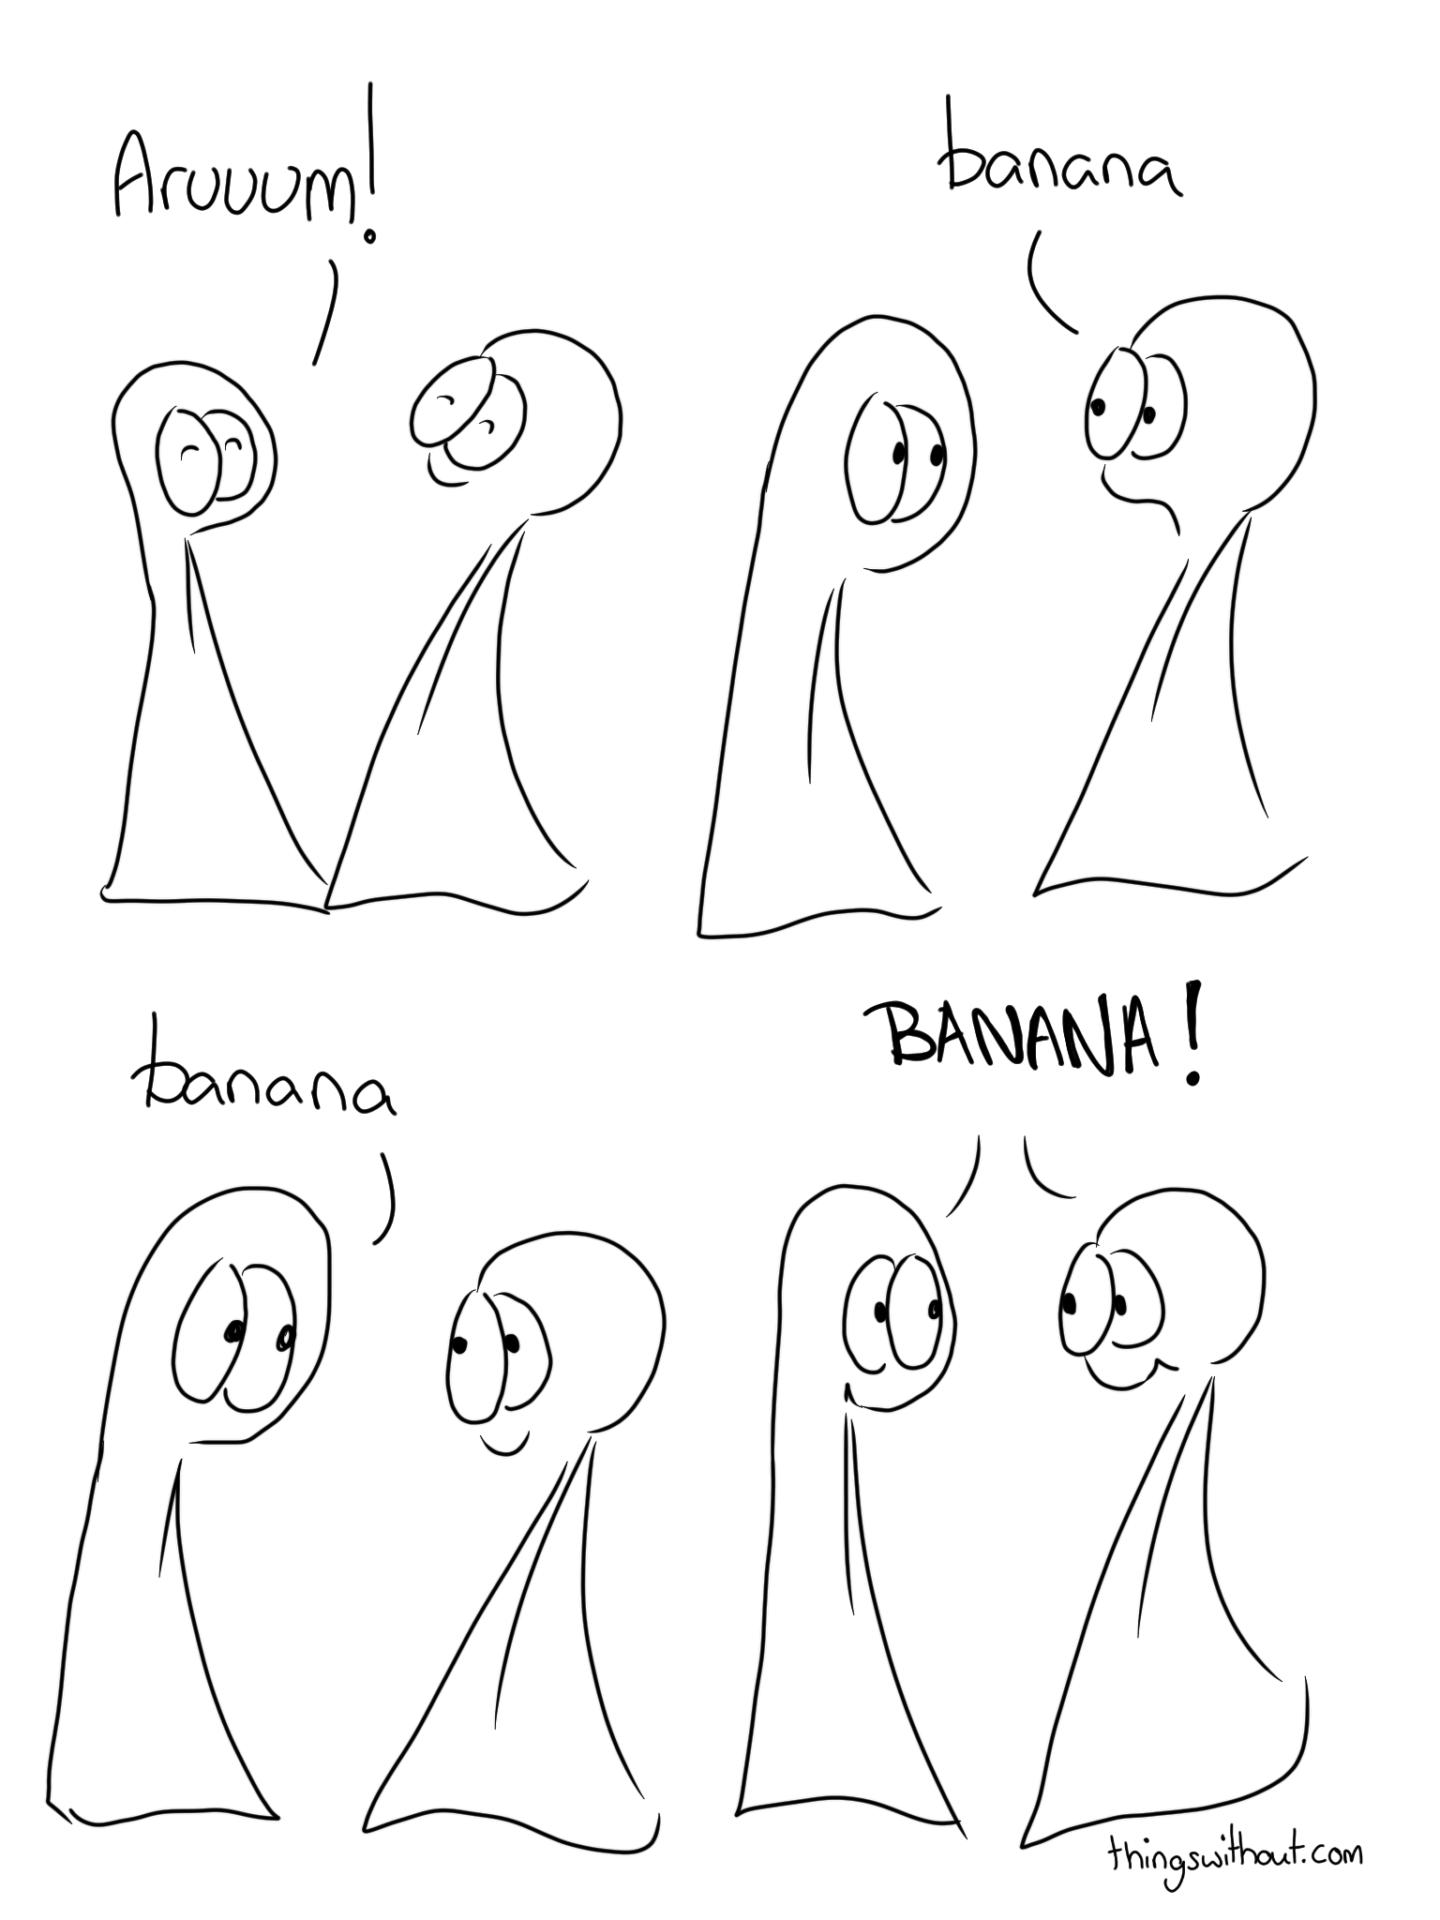 465: Banana